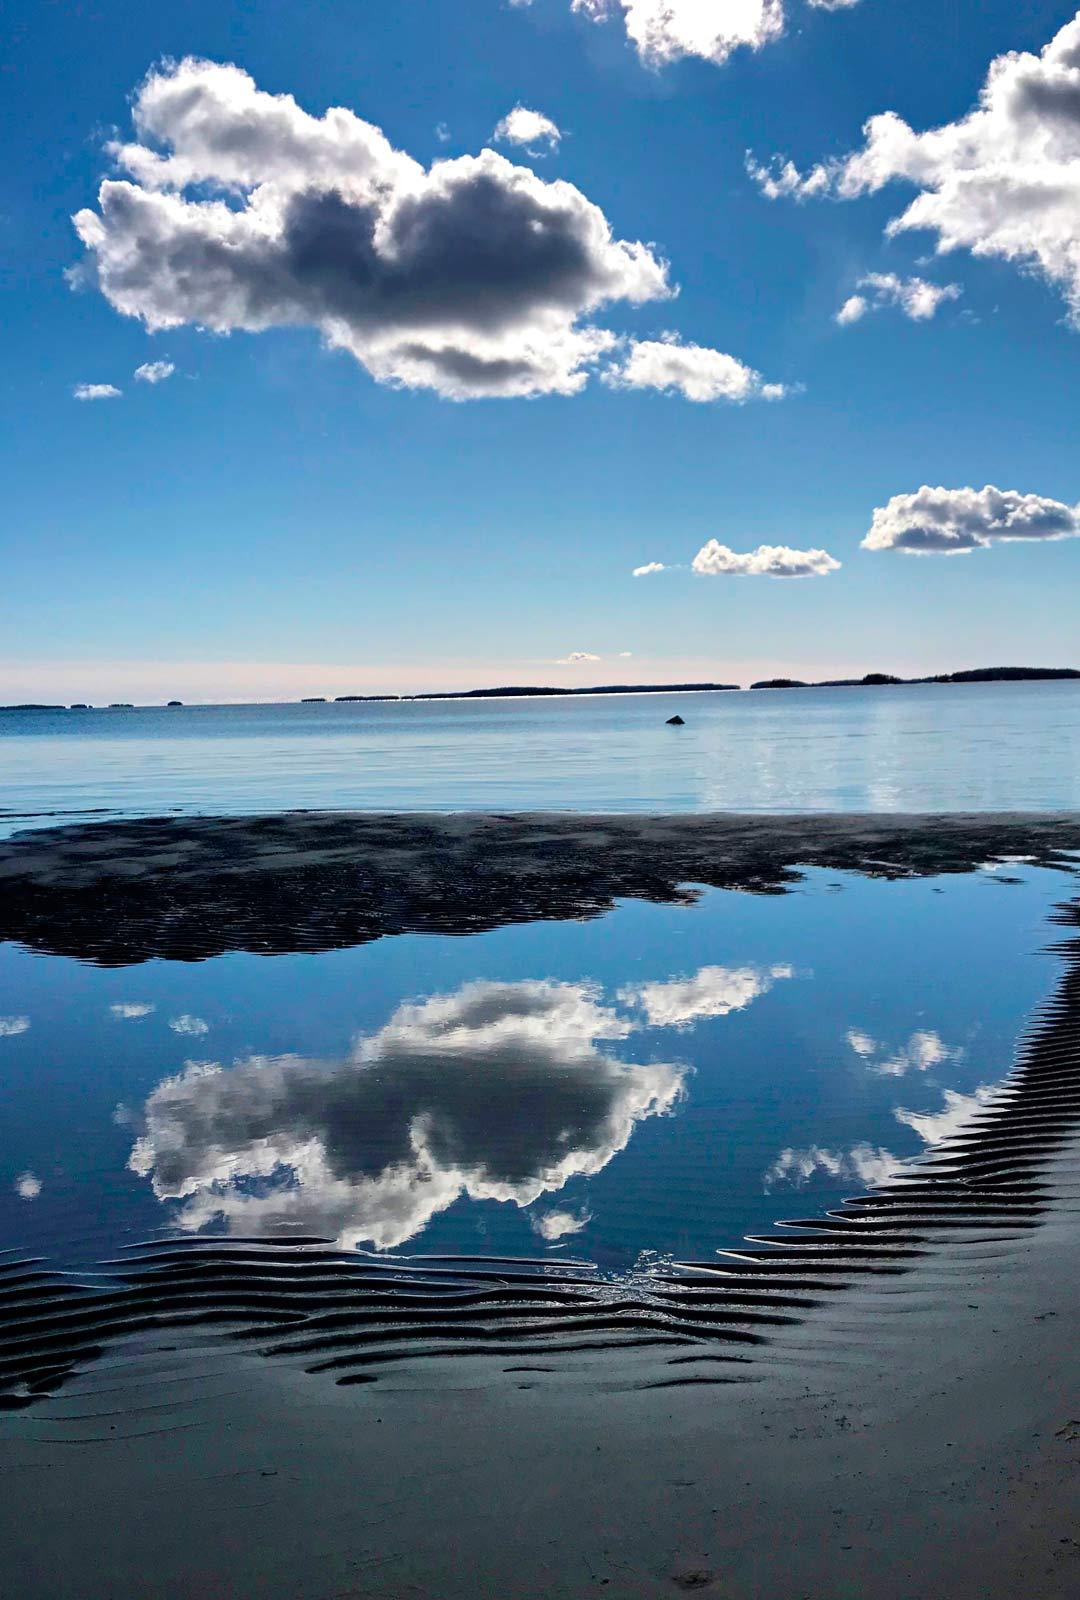 Haminan Pitkienhiekkojen ranta on Johannalle tärkeä. Kuvassa häntä inspiroi sininen taivas pilviheijastuksineen.